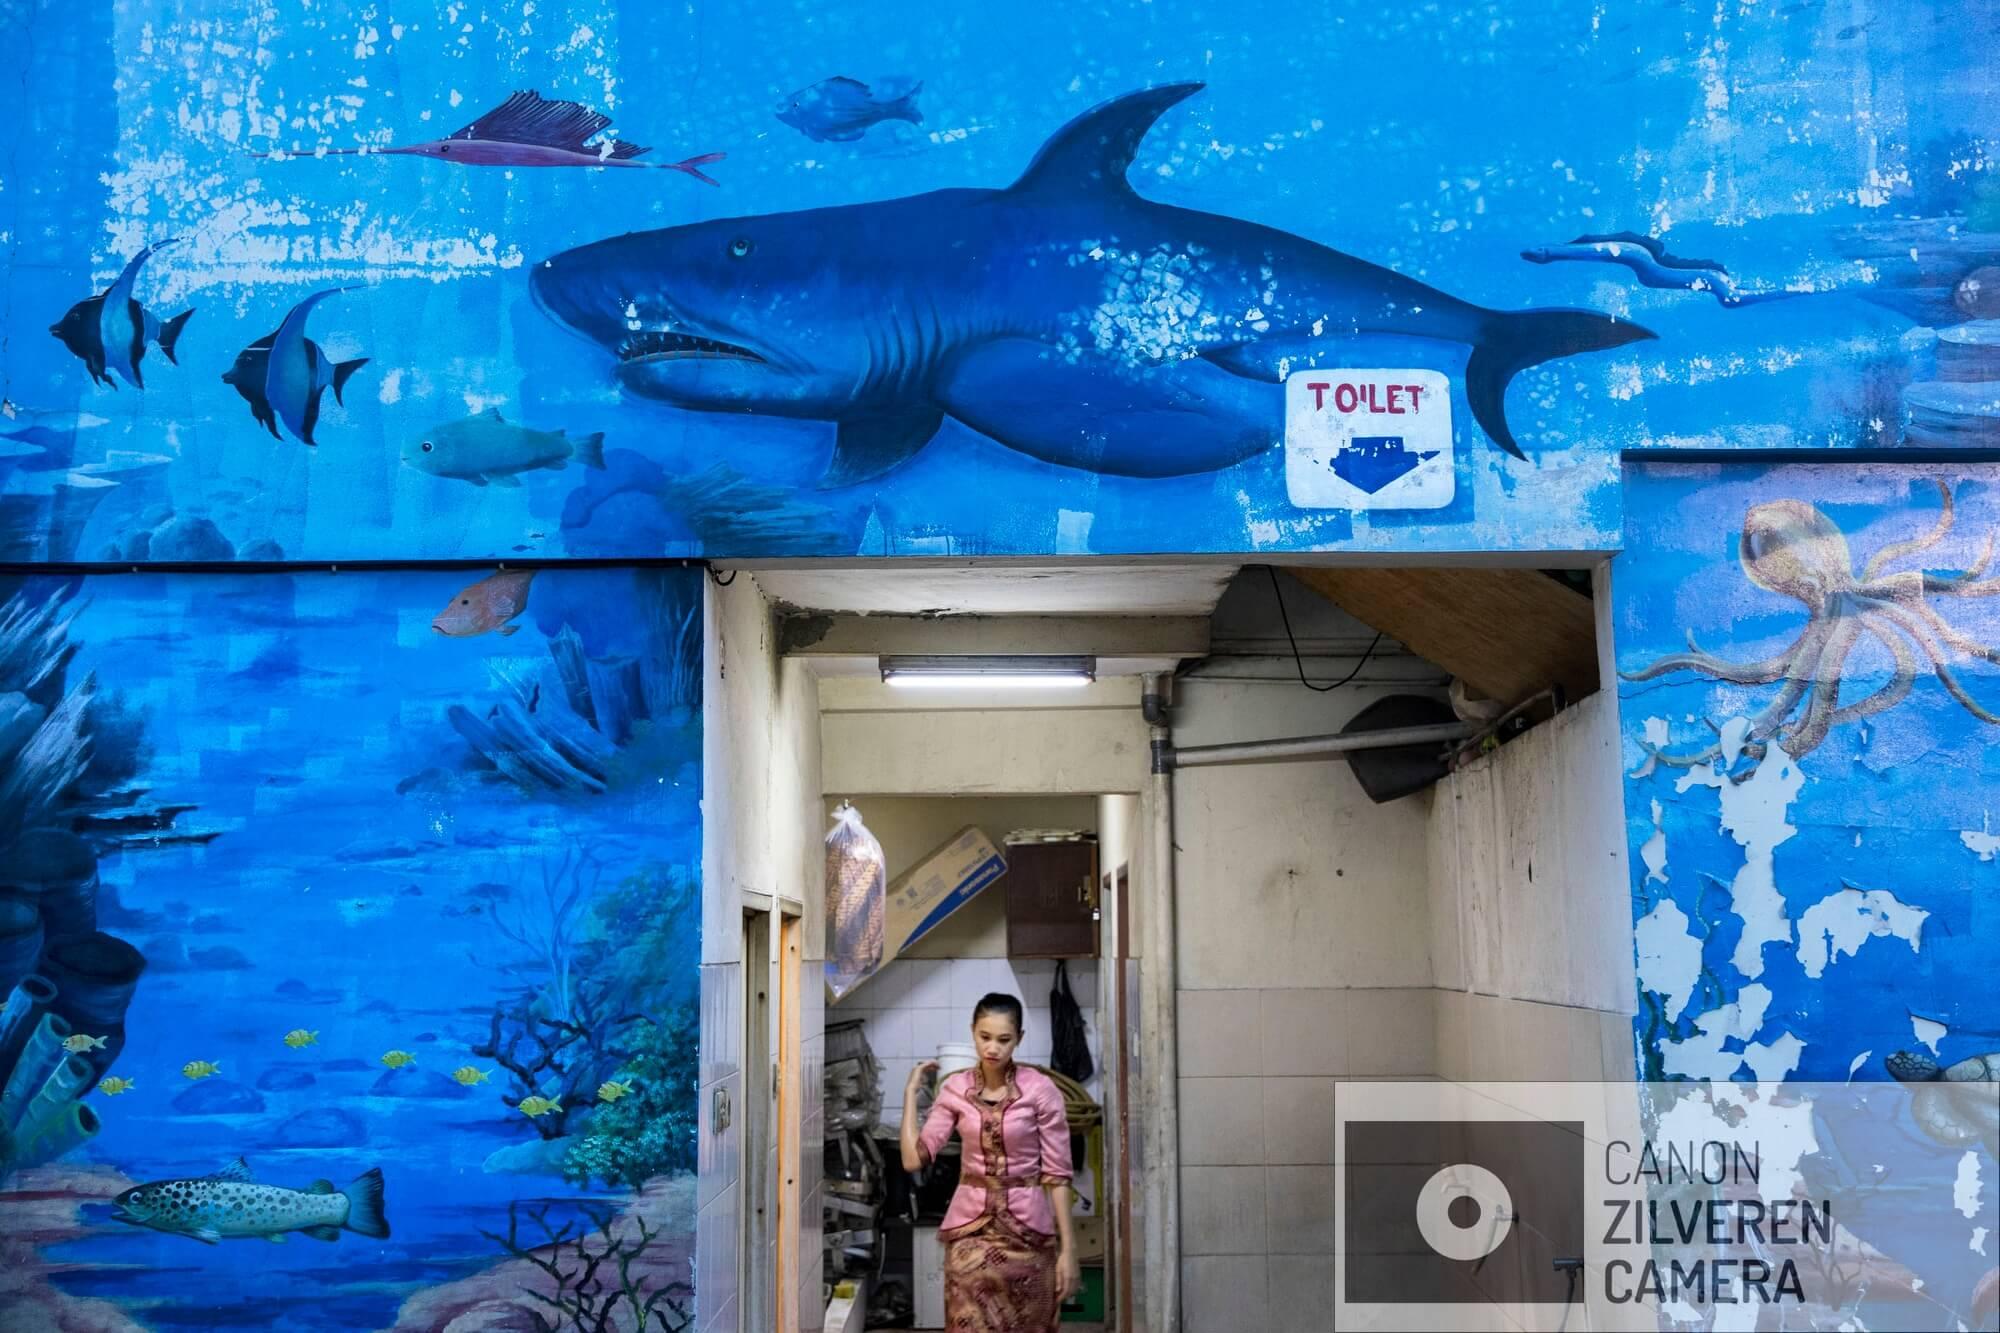 Jakarta zinkt snel, tussen 10-25 centimeter per jaar. Wanneer niets wordt gedaan zal de stad over 20-3- jaar voor een derde permanent onder water staan. Veel water gerelateerde problemen worden toegeschreven aan klimaatverandering en de verwachte zeespiegelstijging die daarmee samenhangt. Bodemdaling is onbekend en zal de absolute zeespiegelstijging tot een factor 10 overschrijden. Jakarta vertrouwd op een oude zeewering om de stad te beschermen tegen zee. Echter door bodemdaling zinkt deze muur snel weg in de grond en biedt weinig bescherming tegen het water. Zware regenval en een hoge rivierwater stand zorgen nu al voor problemen: de stad is veranderd in een omgekeerd aquarium. De zee is niet meer het laagste punt, het water kan nergens meer heen.Veel Jakartanen hebben geen sanitatie thuis. Ze maken hiervoor gebruik van de rivieren en zijn aangewezen op de zgn  ÔMCKÕ: Mandi, Cuci, Kakus, vertaald bad, wassen en toilet. Bij overstromingen veranderd de stad in een open riool. Serie gemaakt tussen 2015 en 2018